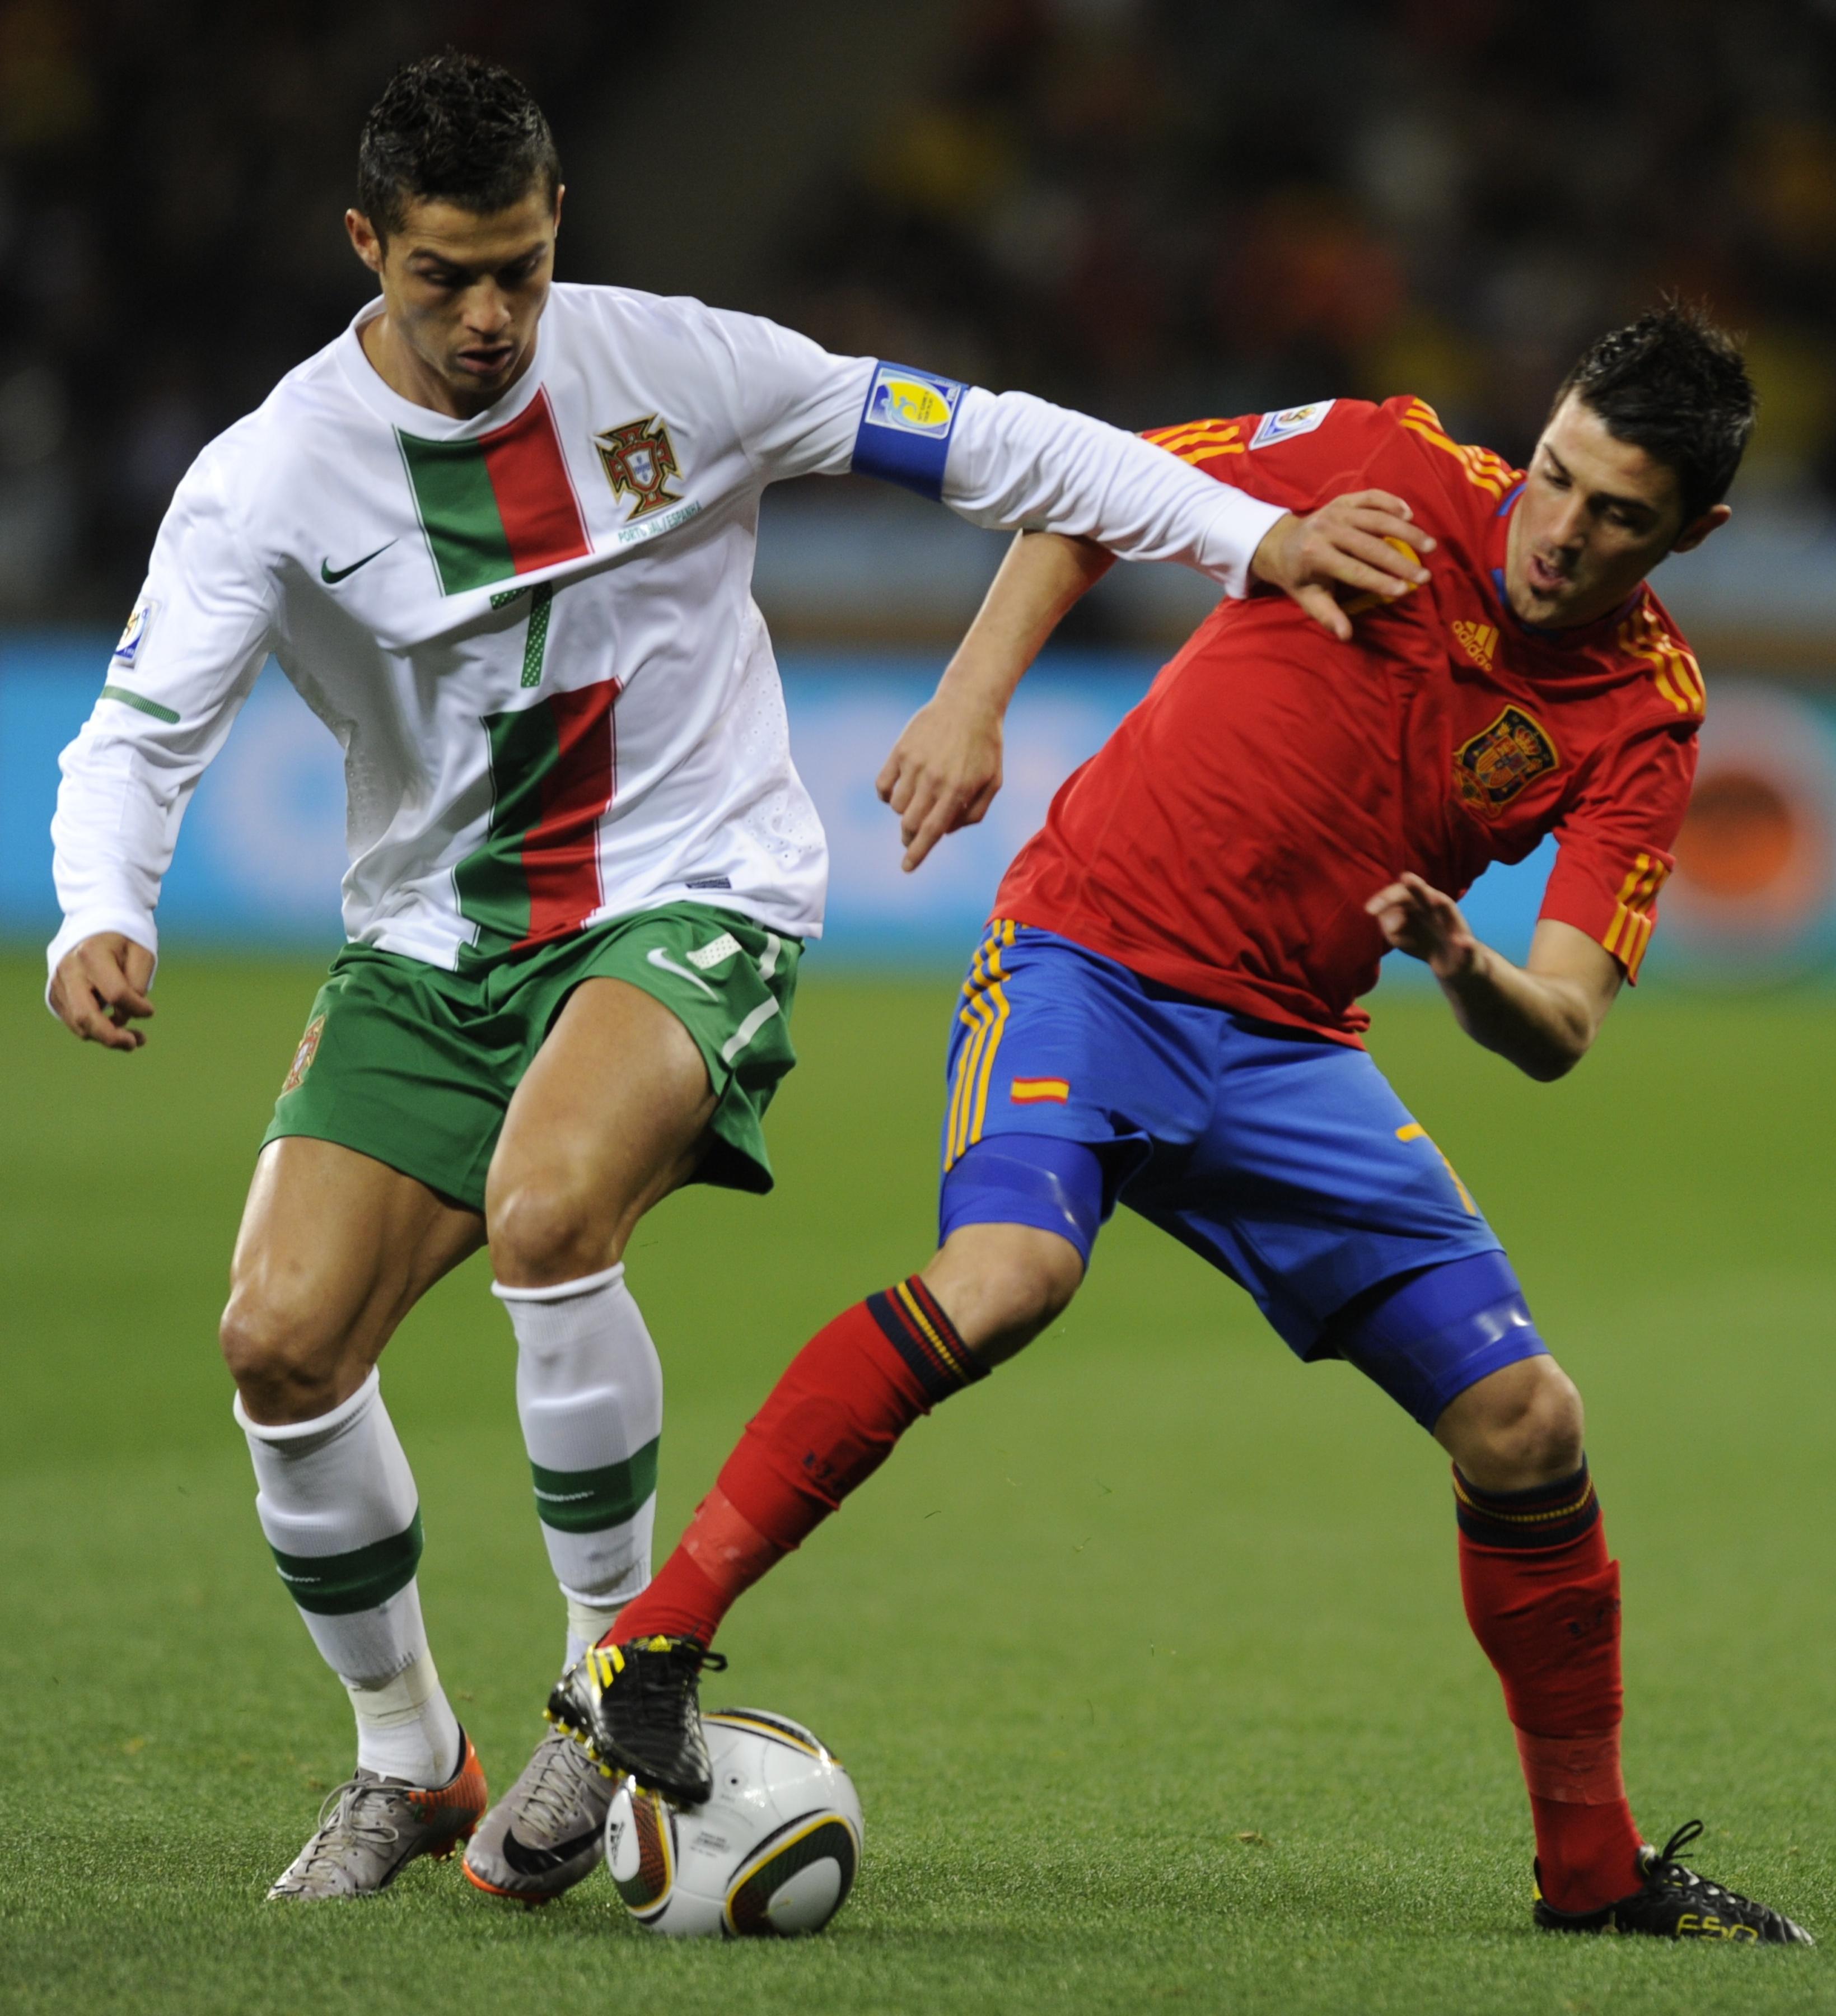 Cristiano Ronaldo vs David Villa